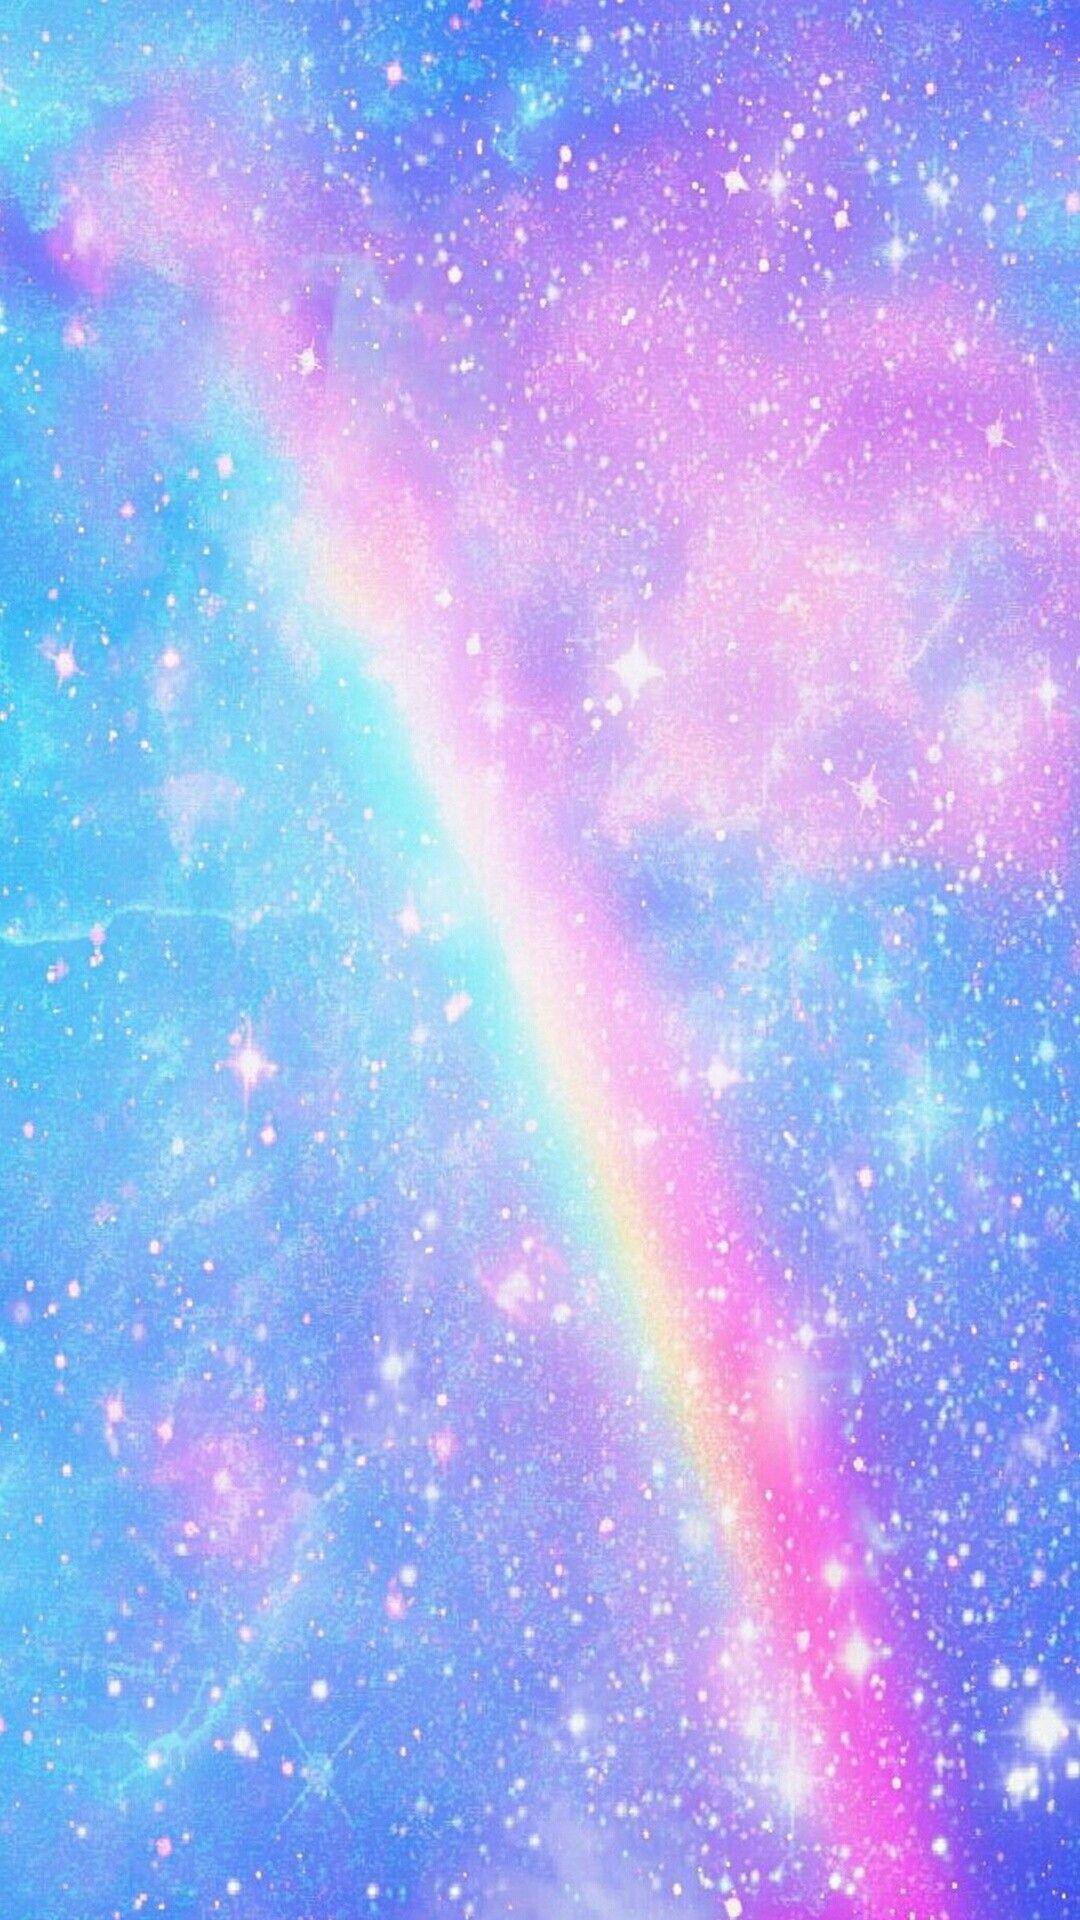 Pastel Galaxy Wallpaper Ios Pastel Galaxy Rainbow Wallpaper Galaxy Wallpaper